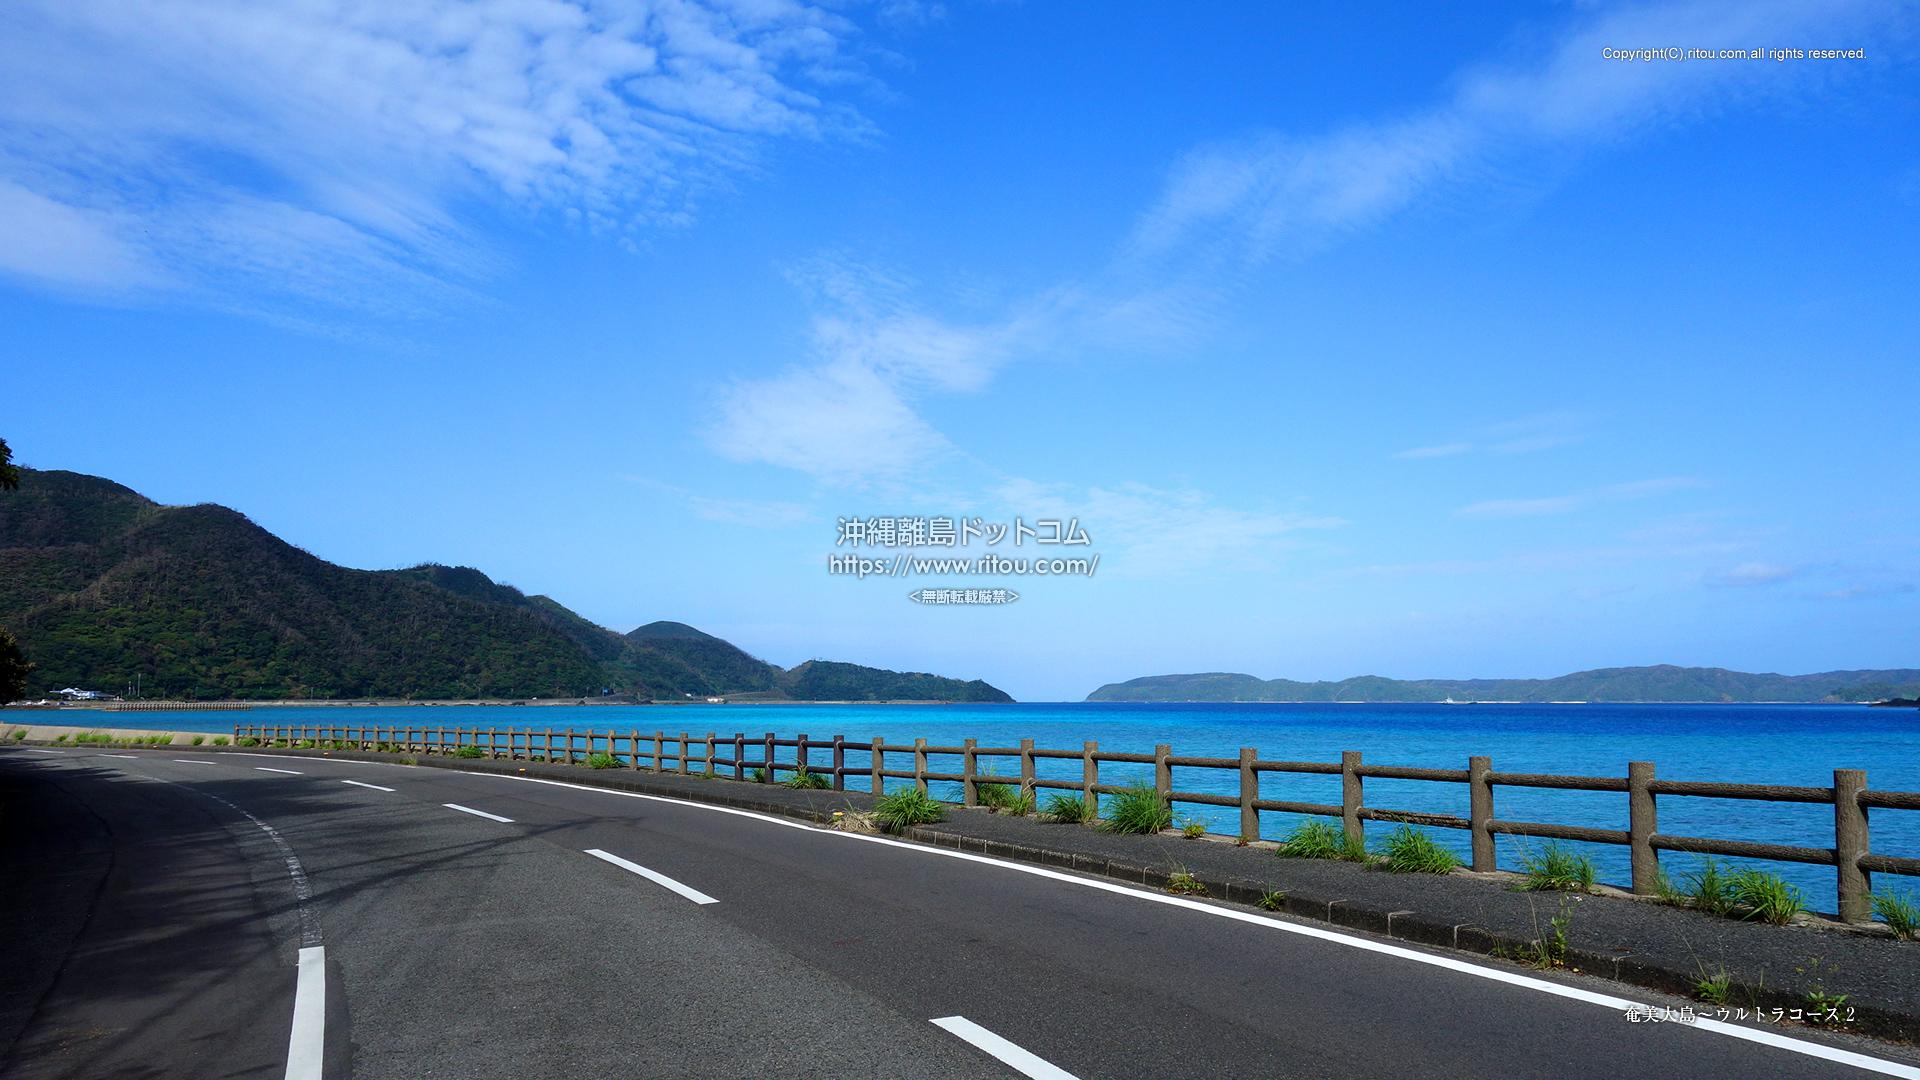 奄美大島〜奄美ハナハナウルトララン・コース2